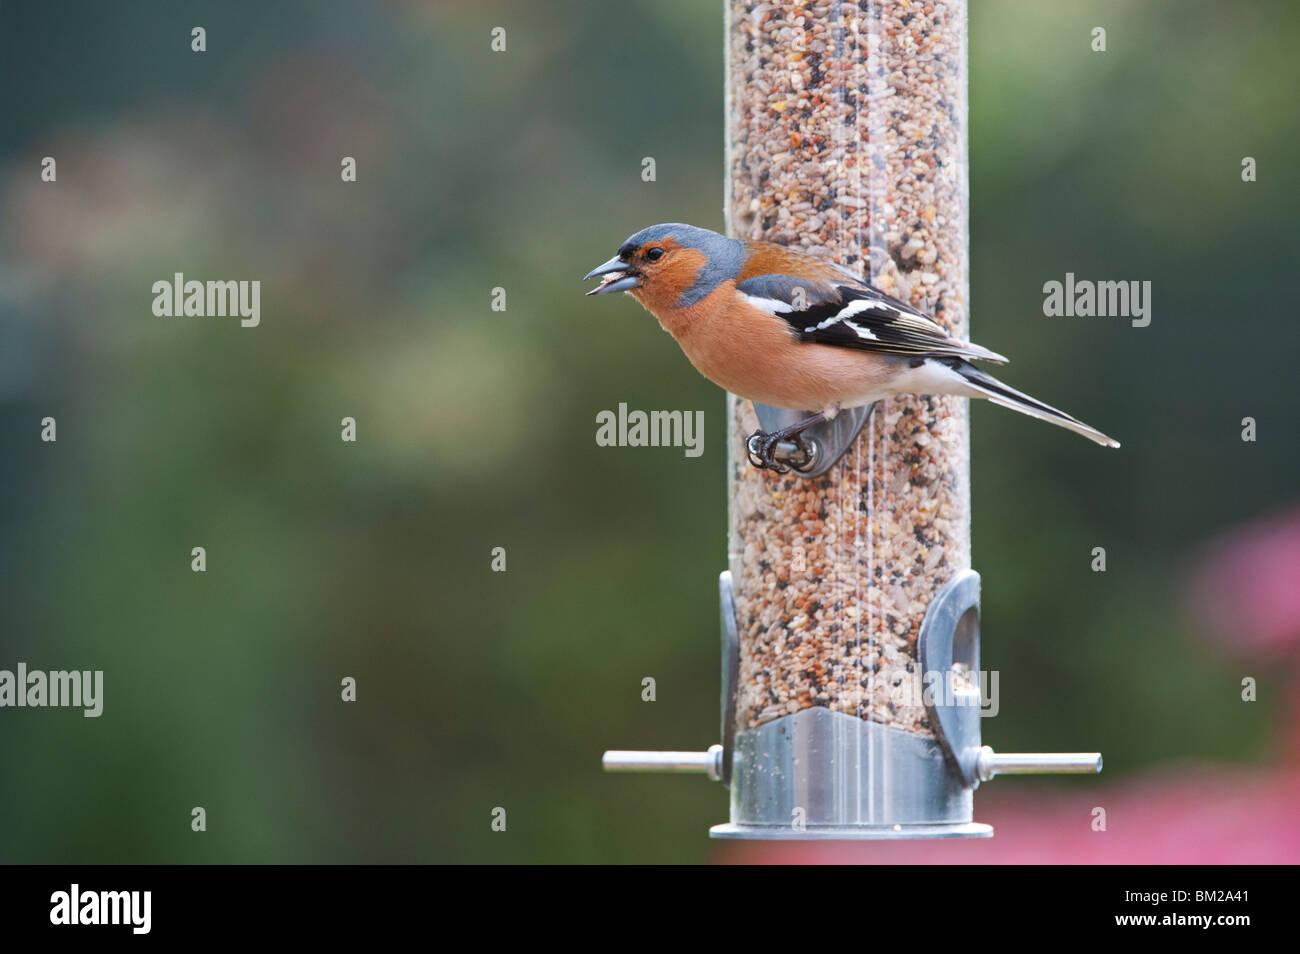 Fringilla Coelebs. Male chaffinch feeding on a bird seed feeder - Stock Image